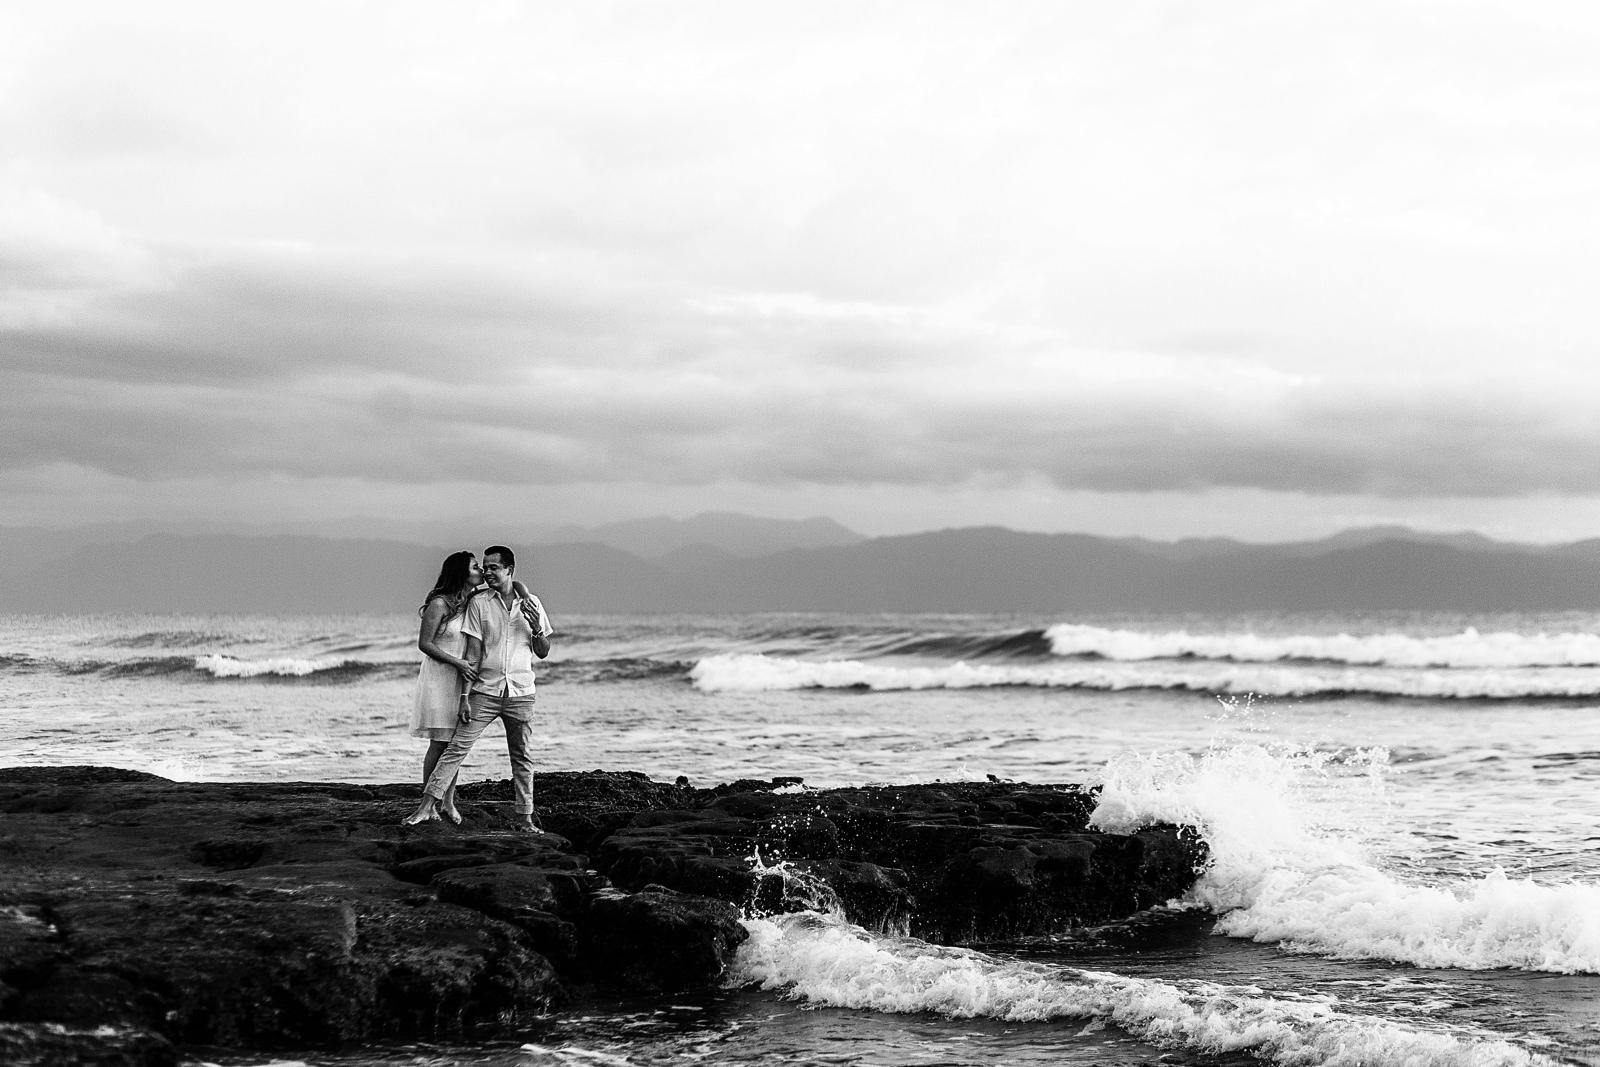 Sesion casual en playa La Lancha cerca de Punta Mita, Vallarta. Las olas rompen en la roca que la pareja esta parada